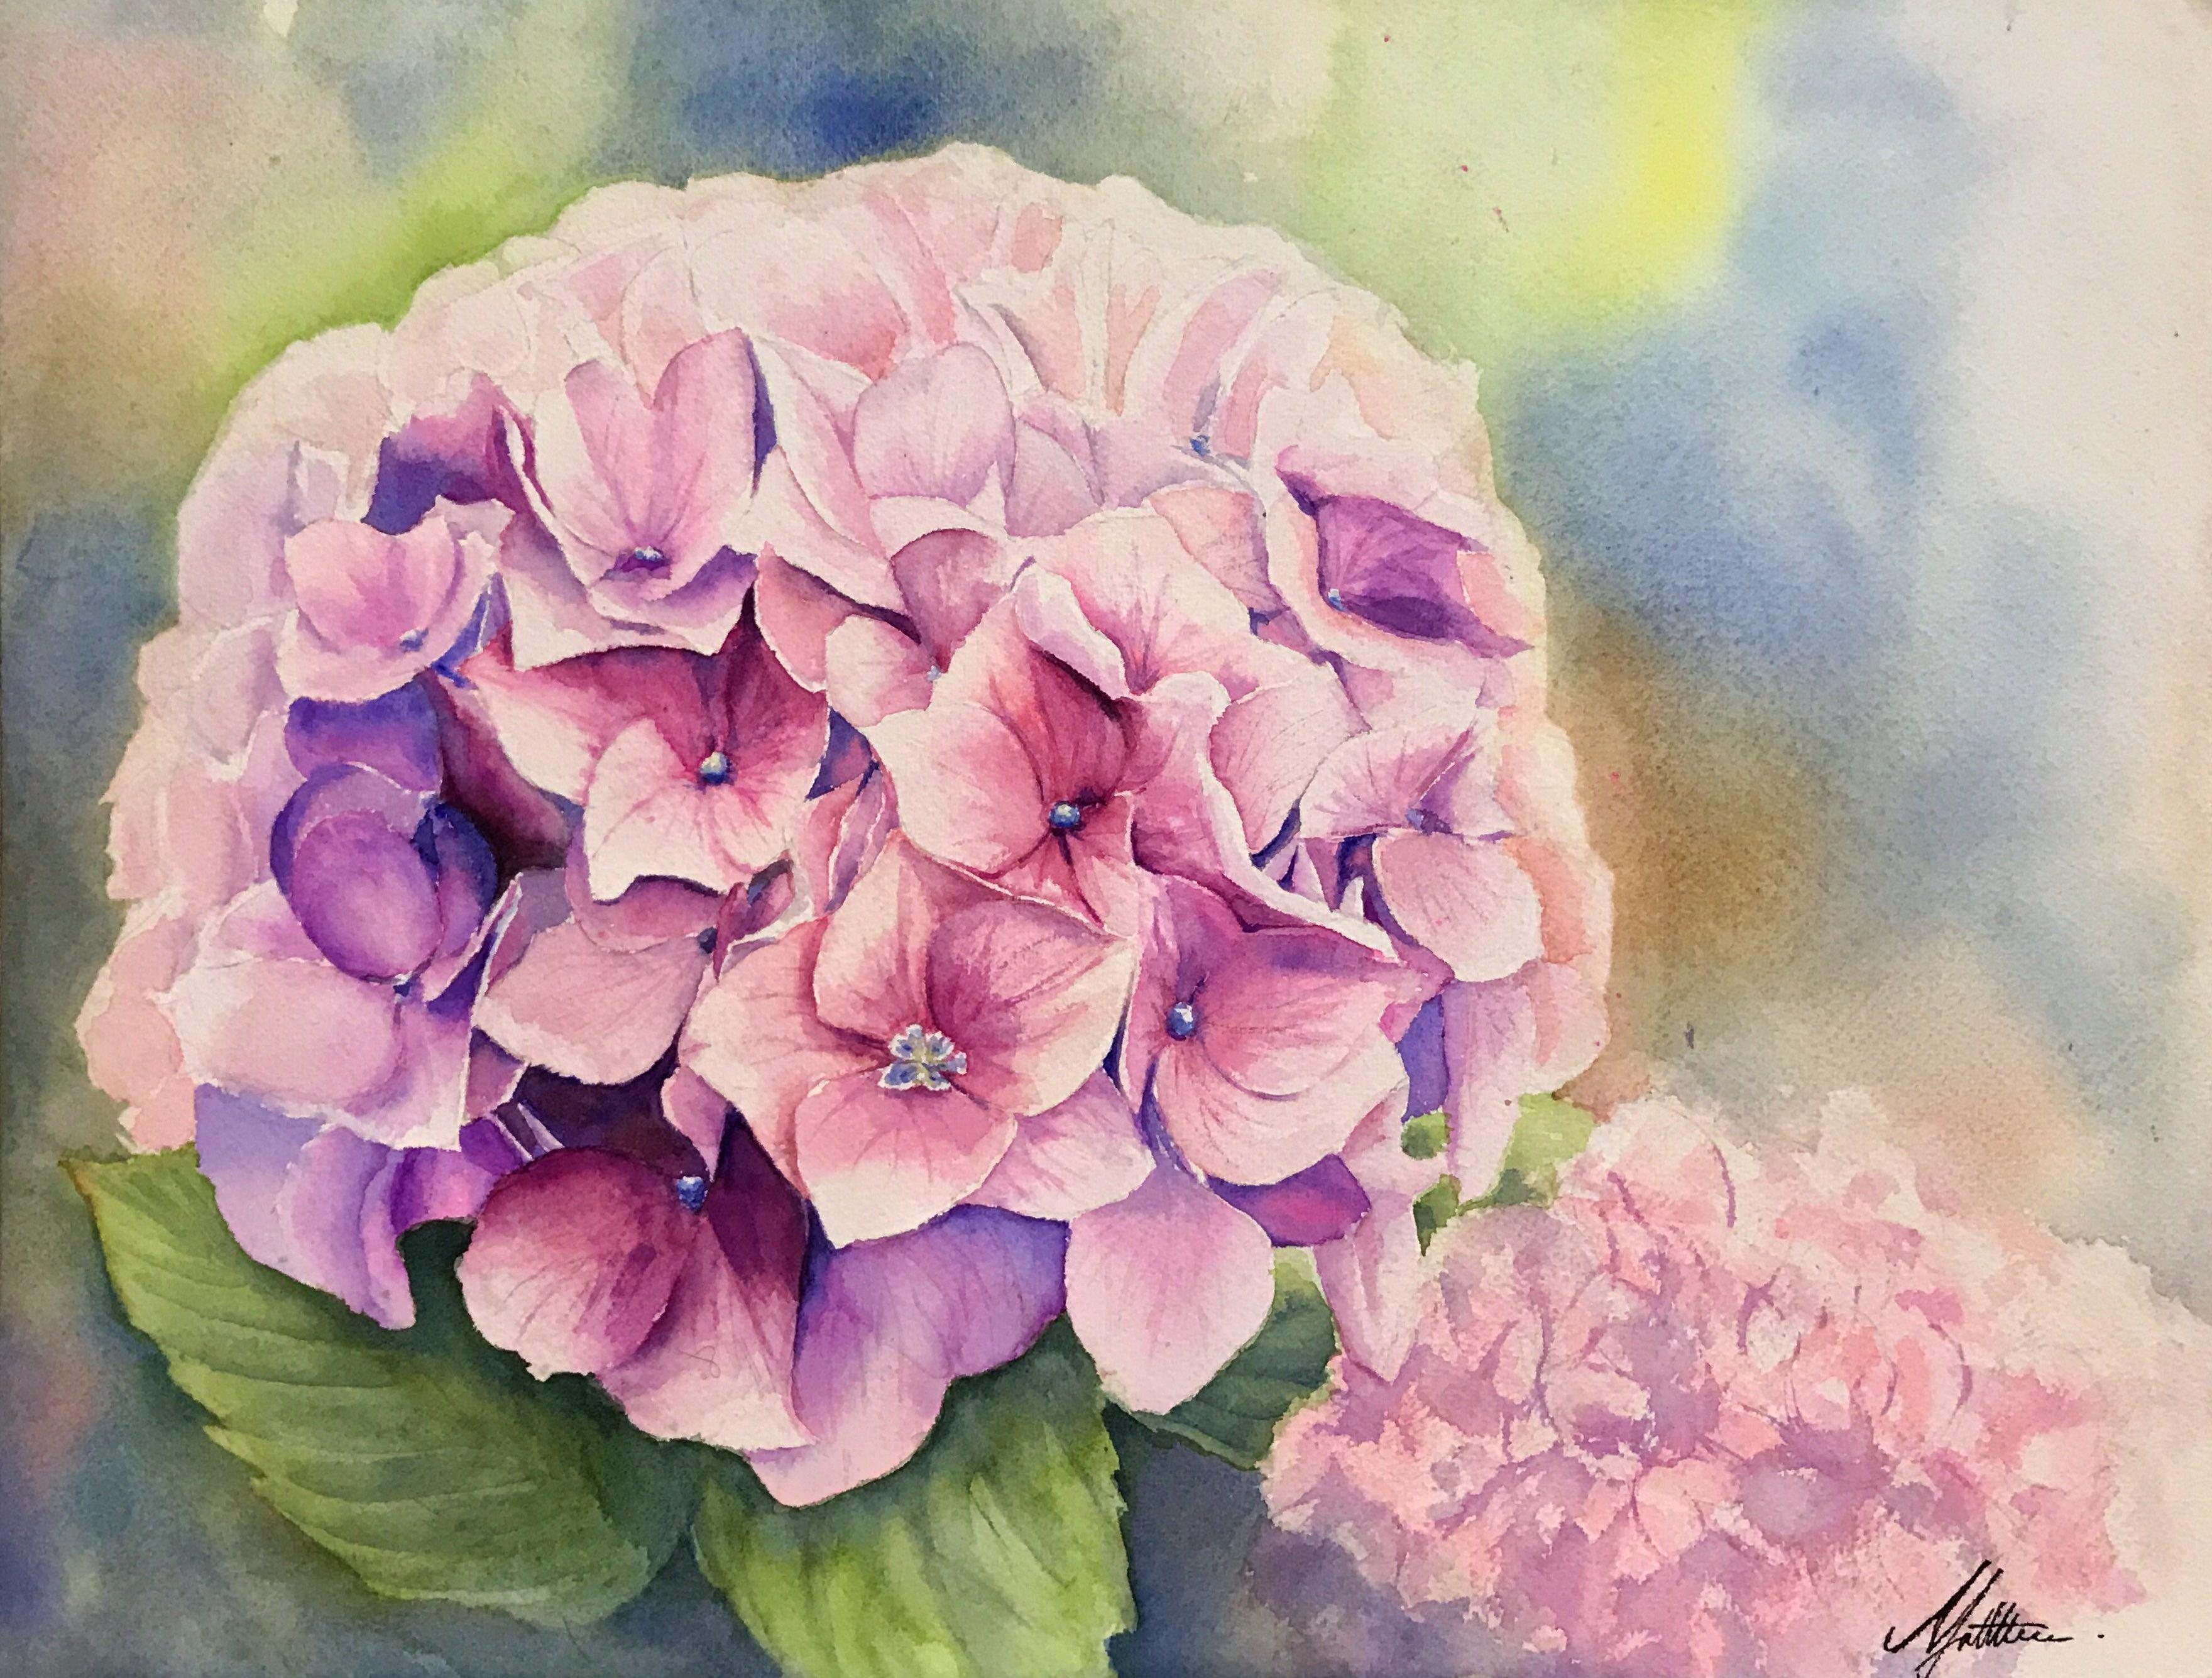 < Flower of Life>